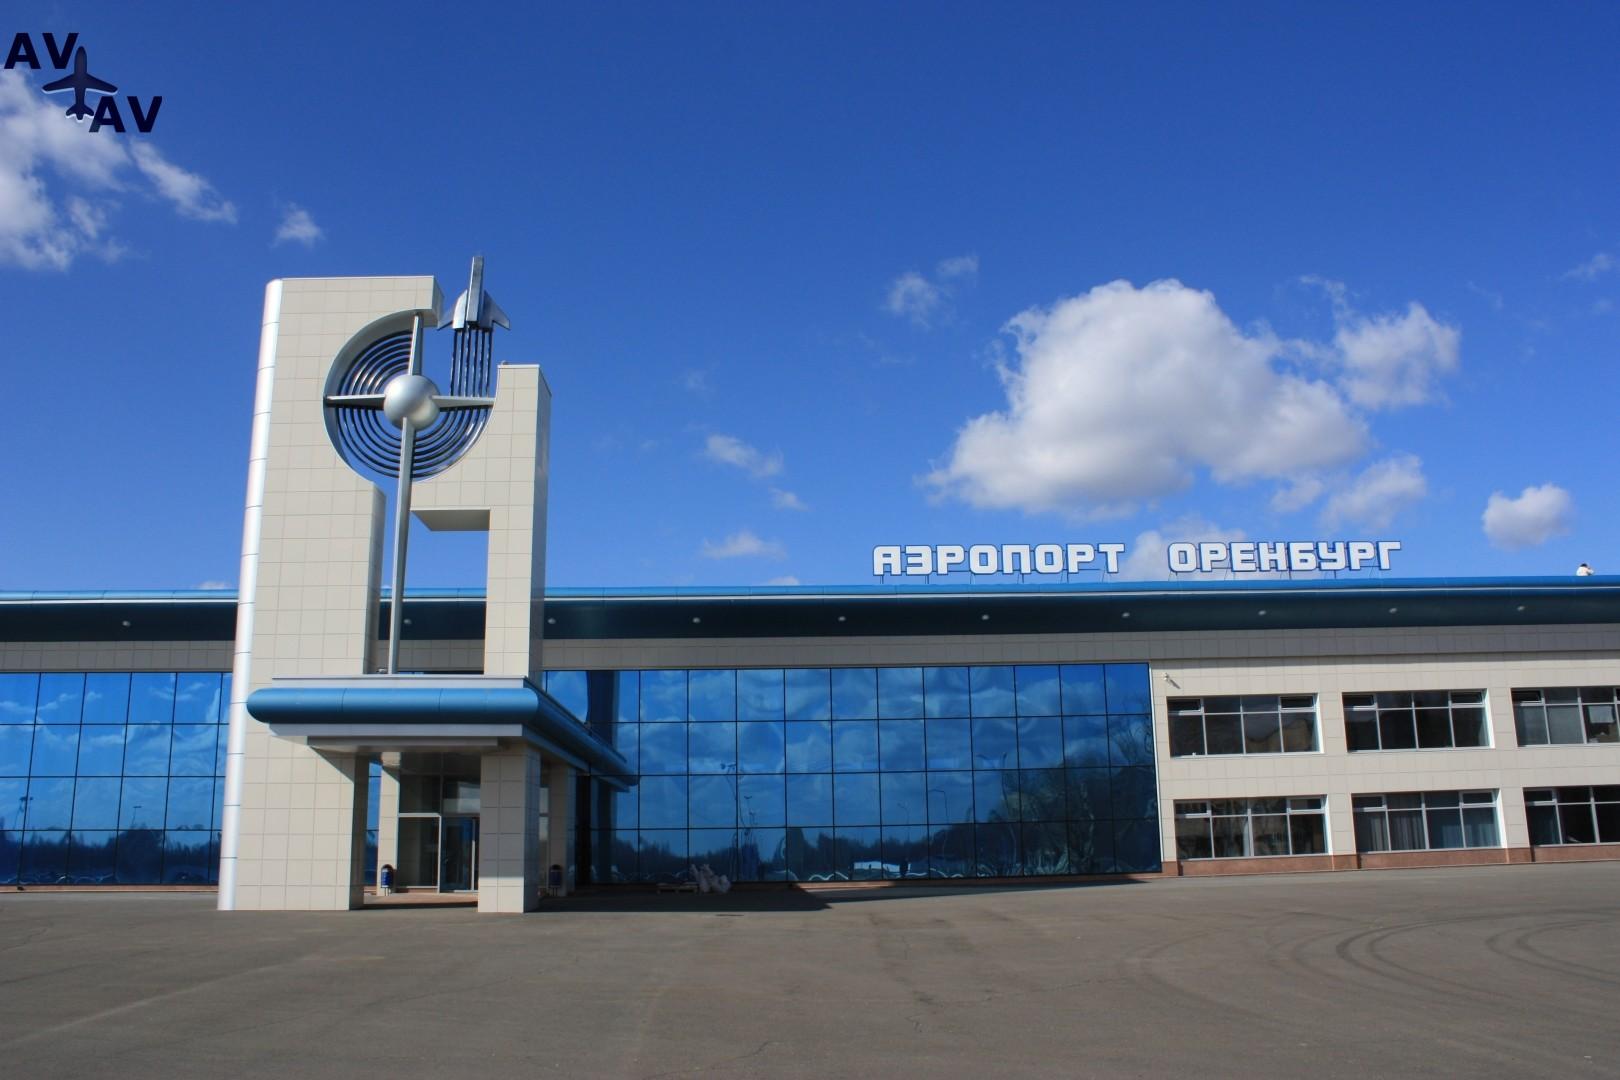 orenburg 2 - Аэропорту в Оренбурге пришлось взять кредит на зарплату сотрудников